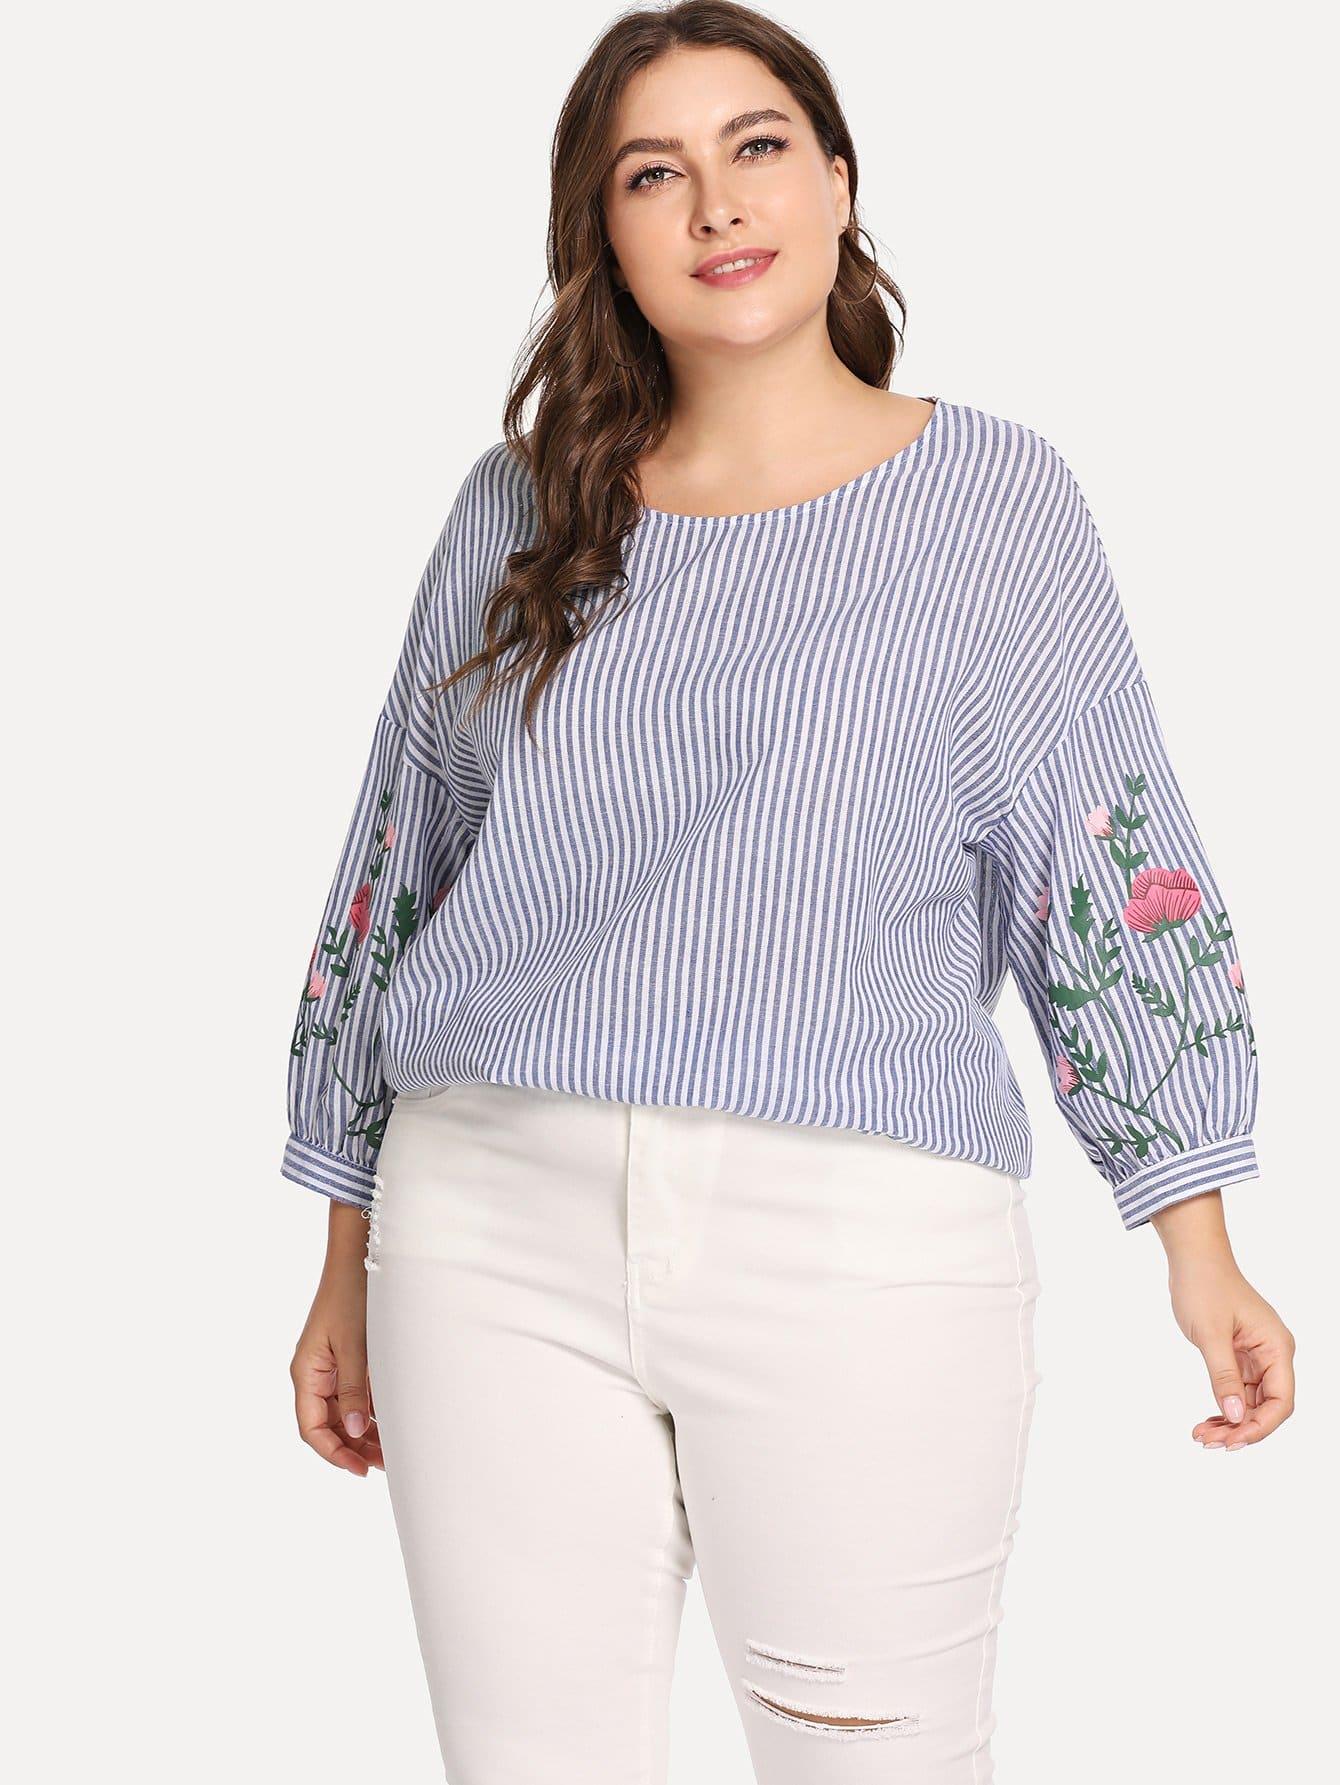 Купить Большая тонкая-полосатая блузка с ситцевыми рукавами и с заниженной линией плеч, Franziska, SheIn